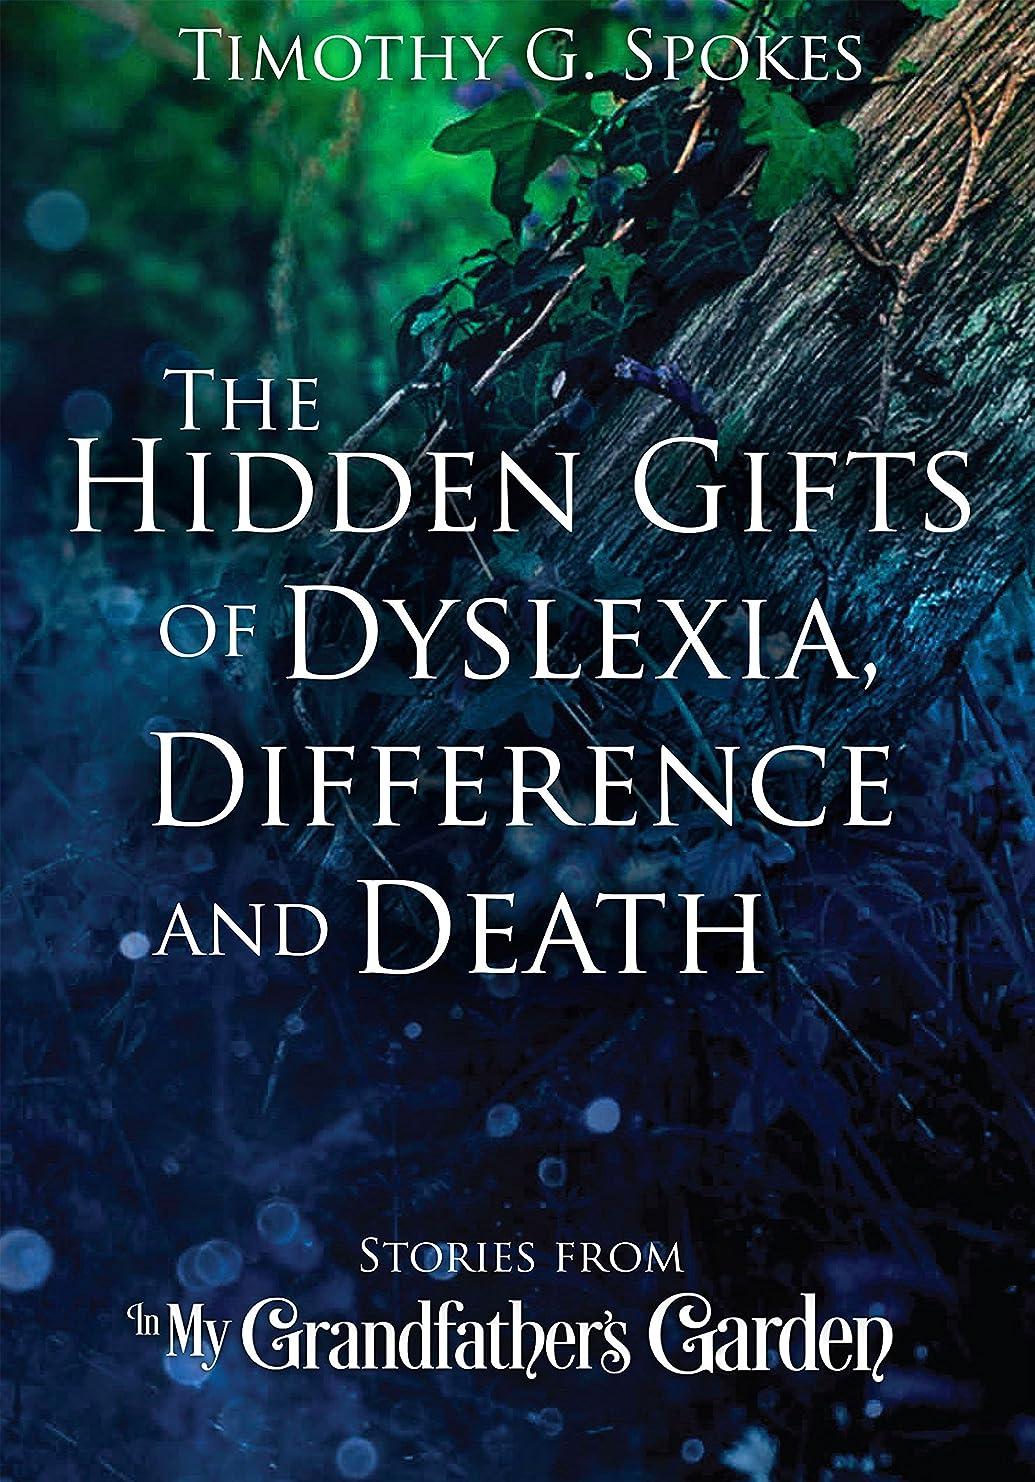 仲人カテゴリー権威The Hidden Gifts of Dyslexia, Difference and Death: Stories from - In My Grandfather's Garden (English Edition)